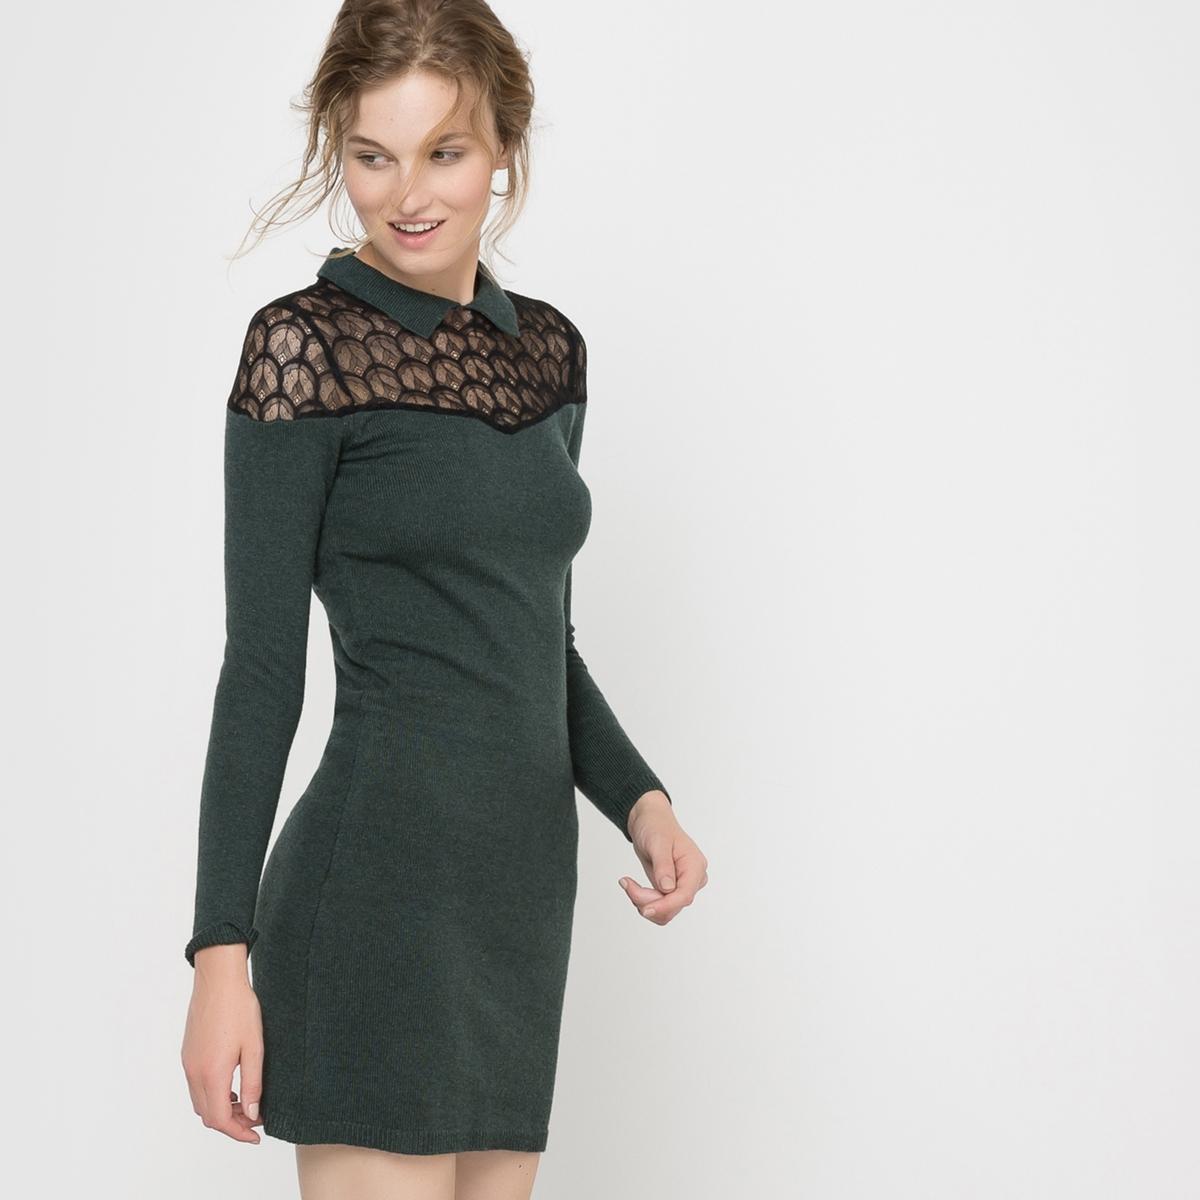 Платье из вязаного трикотажа и кружеваПлатье с длинными рукавами Mademoiselle R. Платье из вязаного трикотажа. Прямой покрой. Вставка из кружева на воротнике. Воротник-поло. Застежка на молнию сзади.Состав и описаниеМарка : Mademoiselle R.Материал : 50% полиамида, 45% вискозы, 5% альпаки Длина : 90 смУходМашинная стирка при 30 °C   Стирать с вещами схожих цветовСтирать и гладить при очень низкой температуре с изнаночной стороныГладить кружево запрещается<br><br>Цвет: темно-зеленый,темно-синий,черный<br>Размер: 42/44 (FR) - 48/50 (RUS).42/44 (FR) - 48/50 (RUS).42/44 (FR) - 48/50 (RUS).46/48 (FR) - 52/54 (RUS)